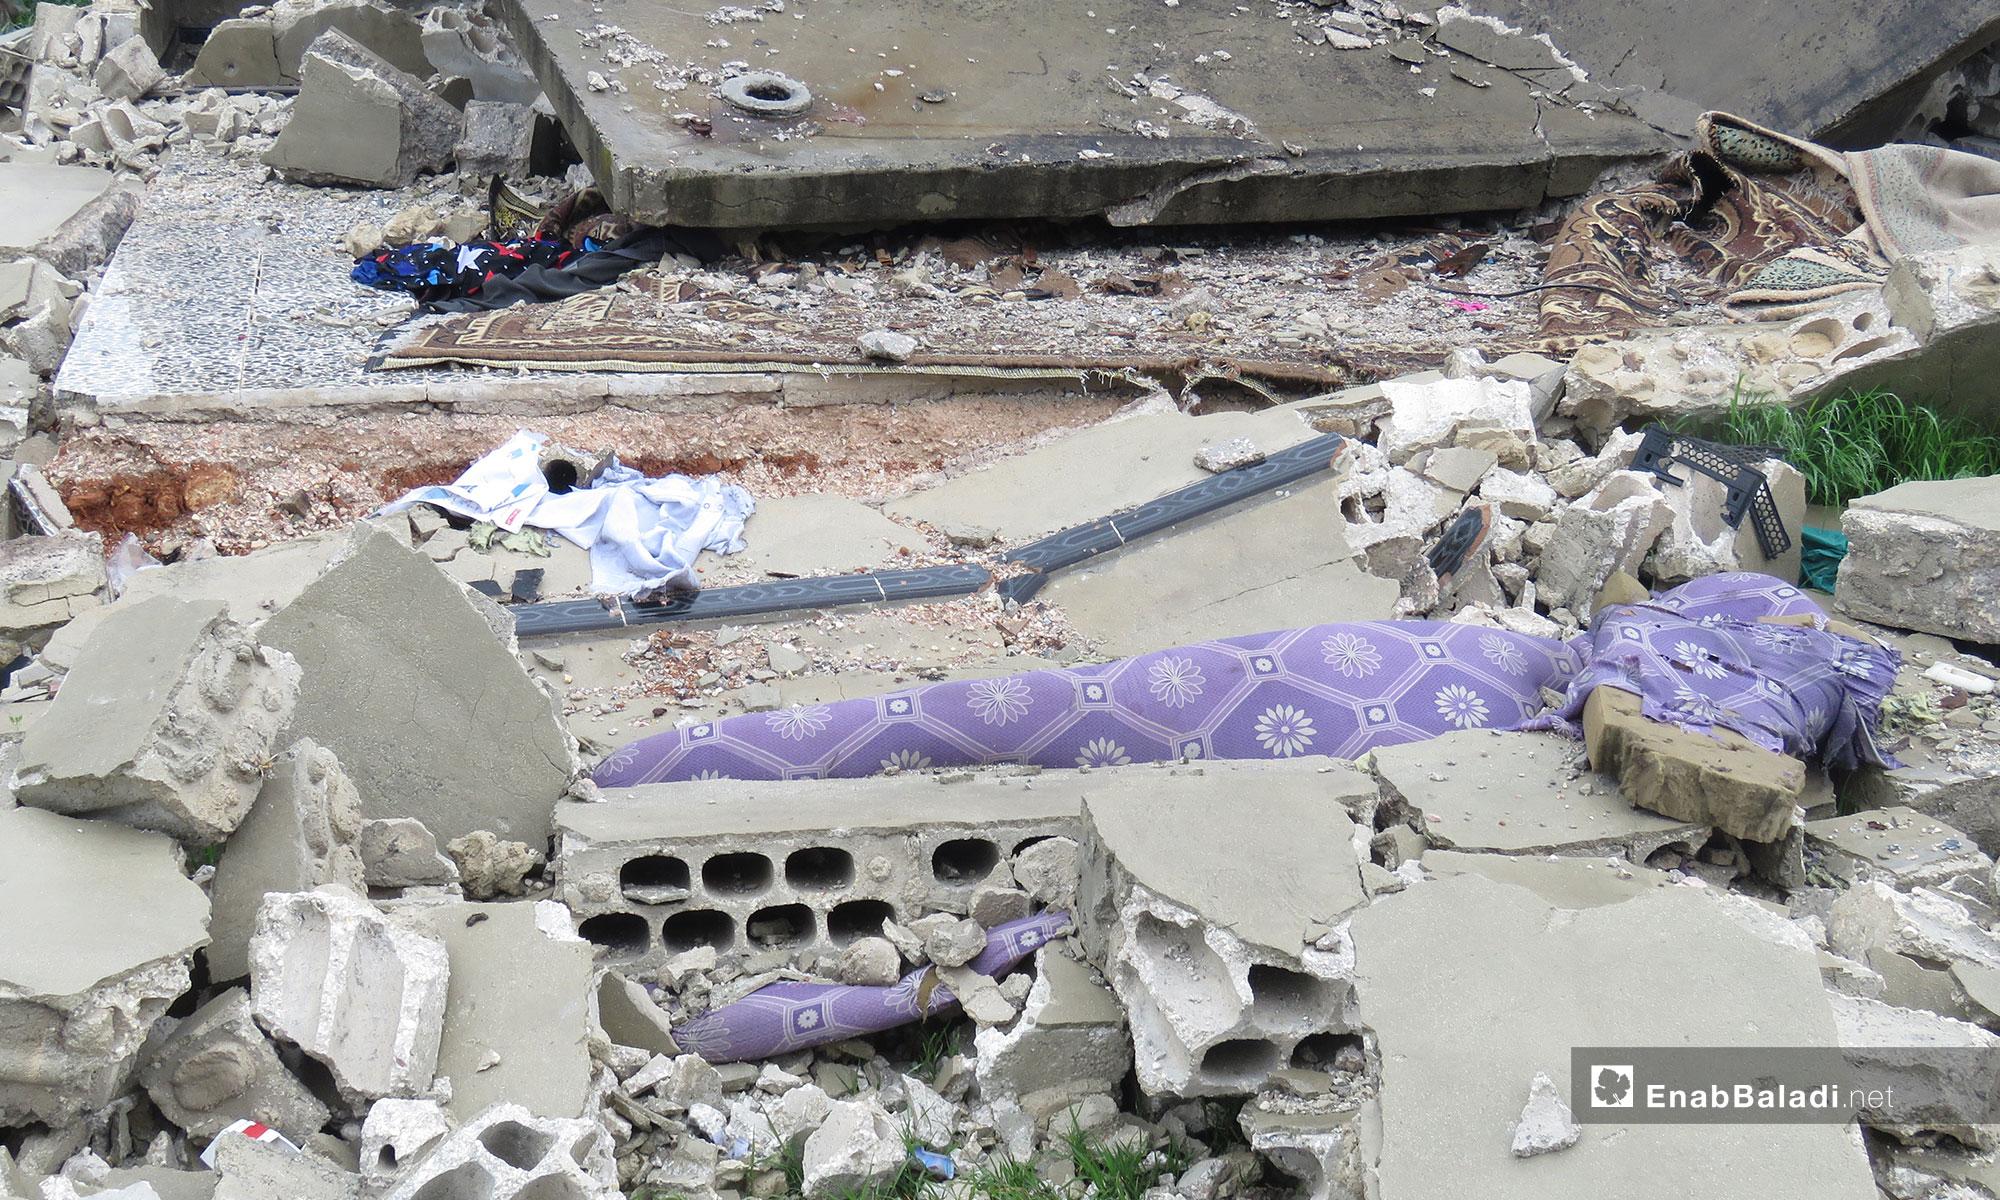 أثار الدمار في قرية الشريعة بسهل الغاب في ريف حماة - 31 من آذار 2019 (عنب بلدي)